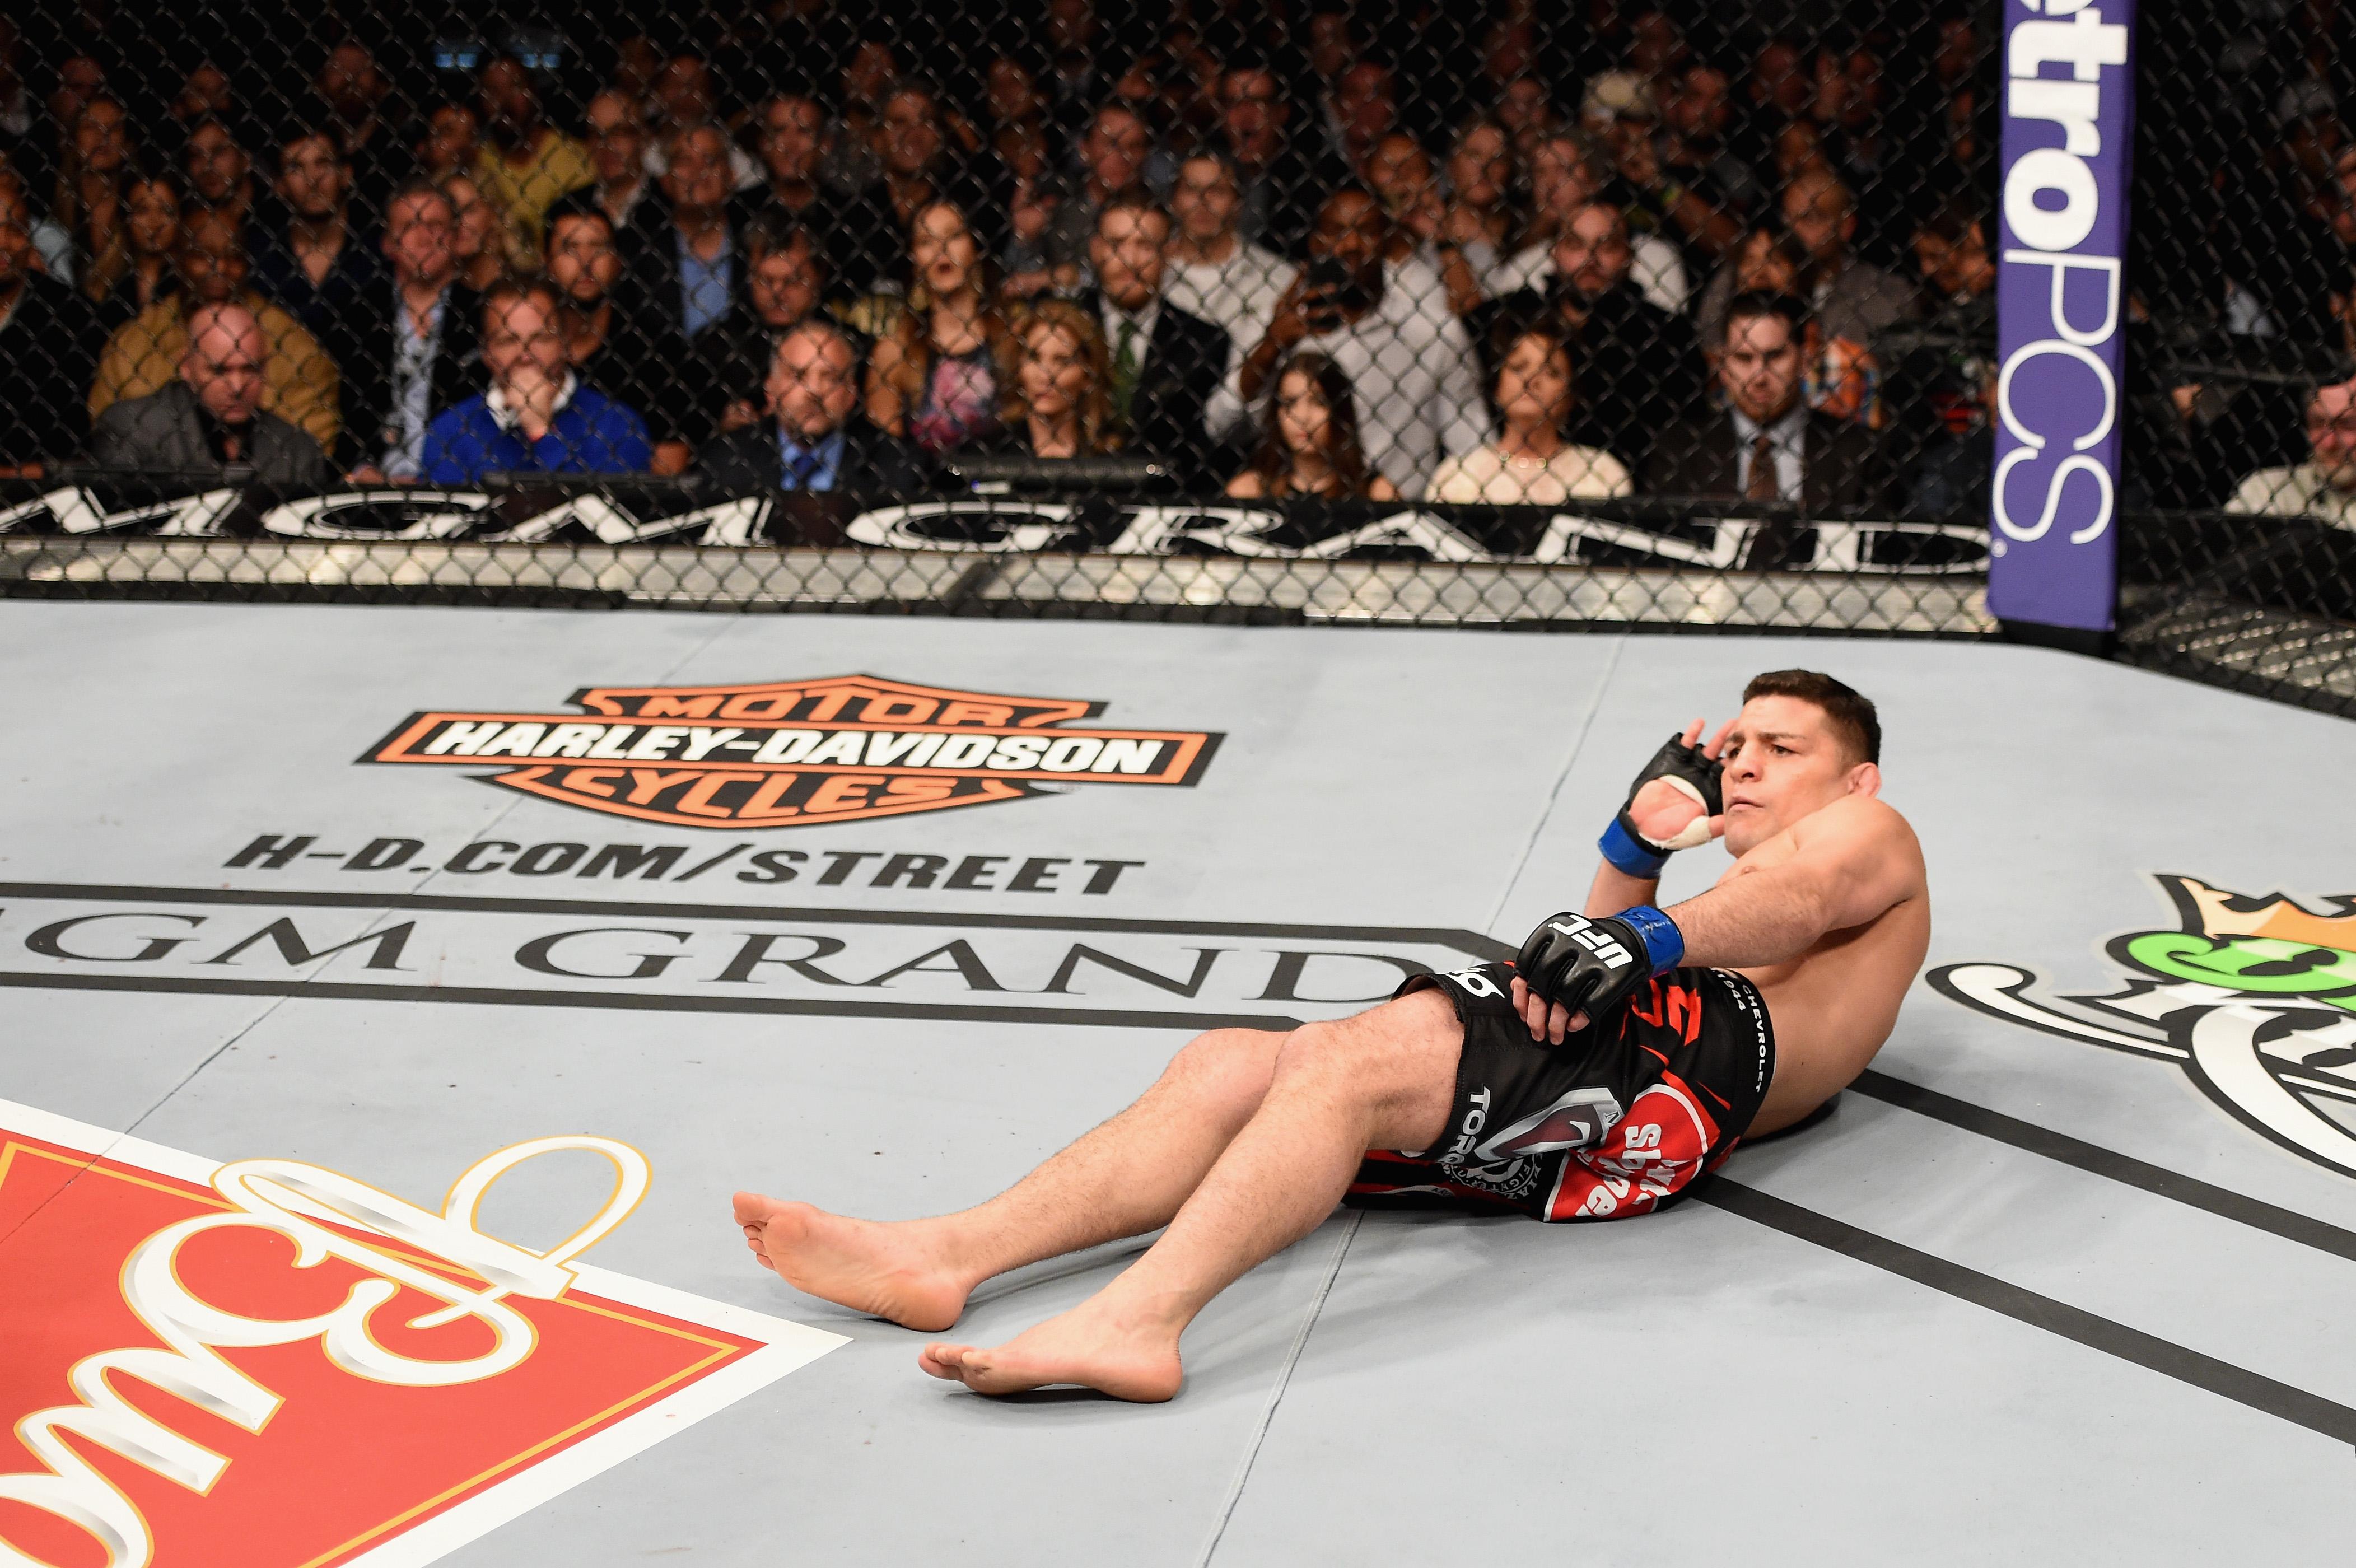 Robbie Lawler vs. Nick Diaz 2 is at pick'em odds for UFC 266